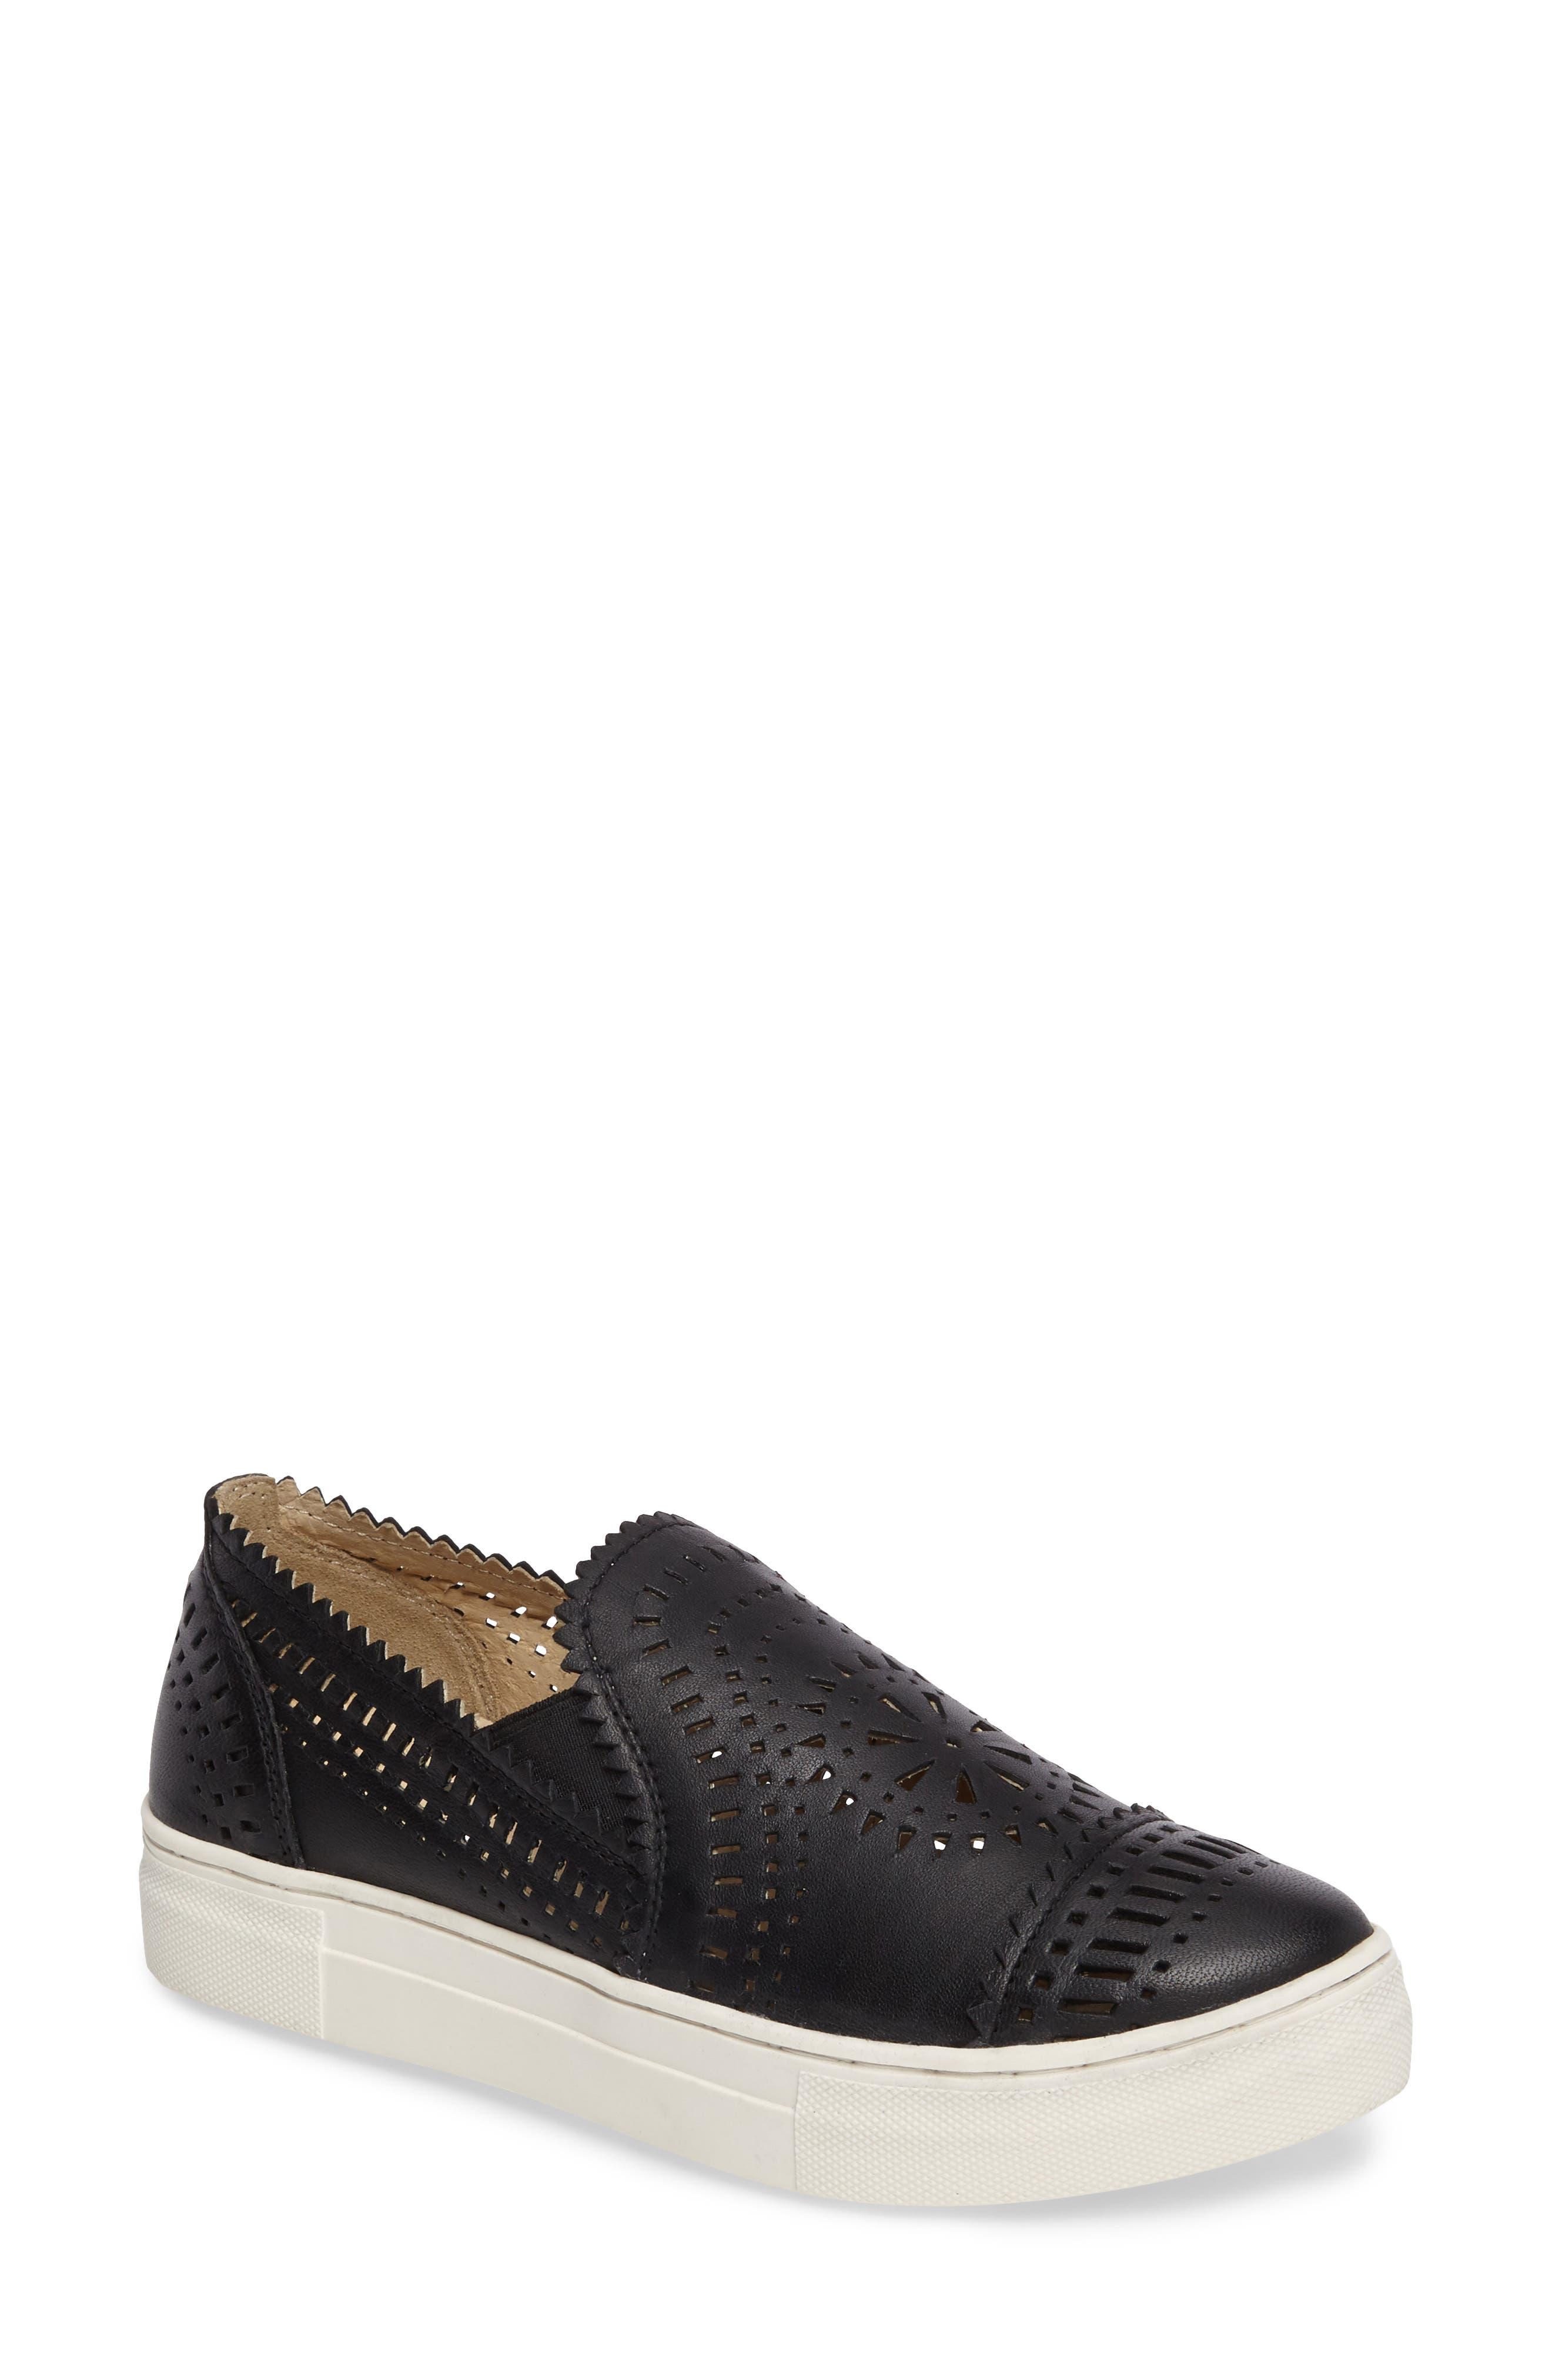 So Nice Slip-On Sneaker,                         Main,                         color, 001